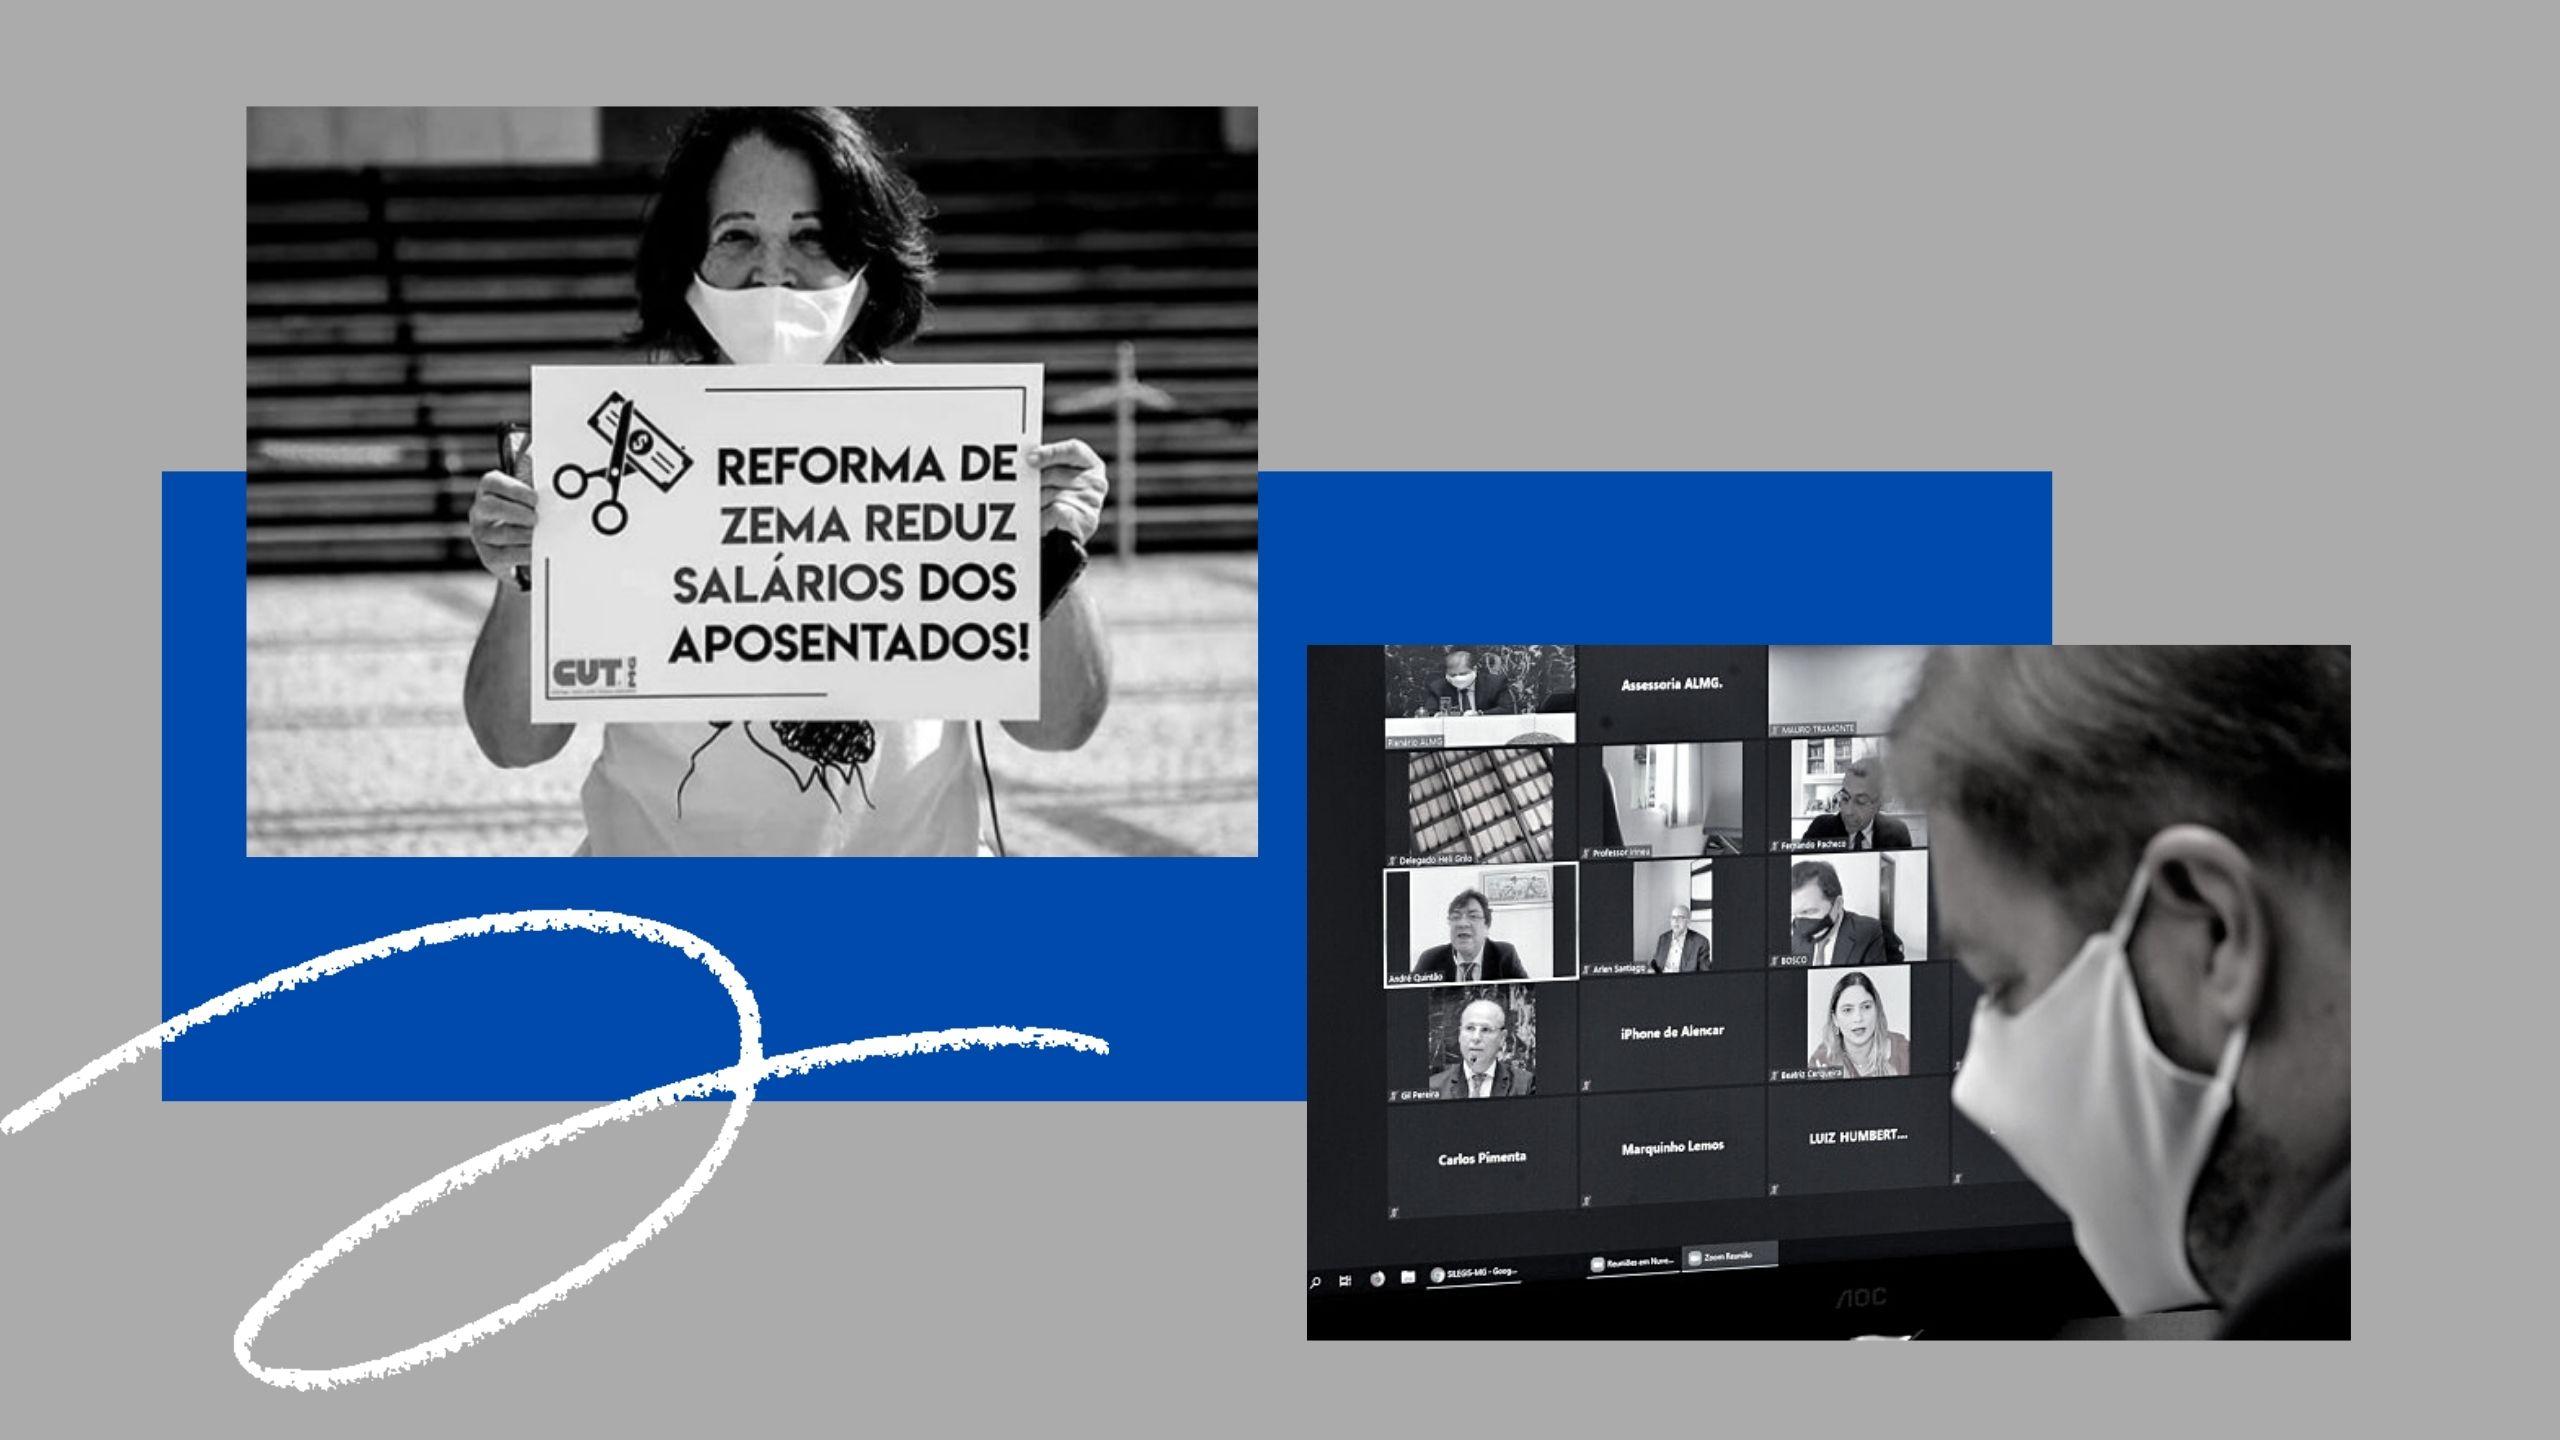 Com reforma, Minas passa a ter a 2ª maior taxa da previdência no país